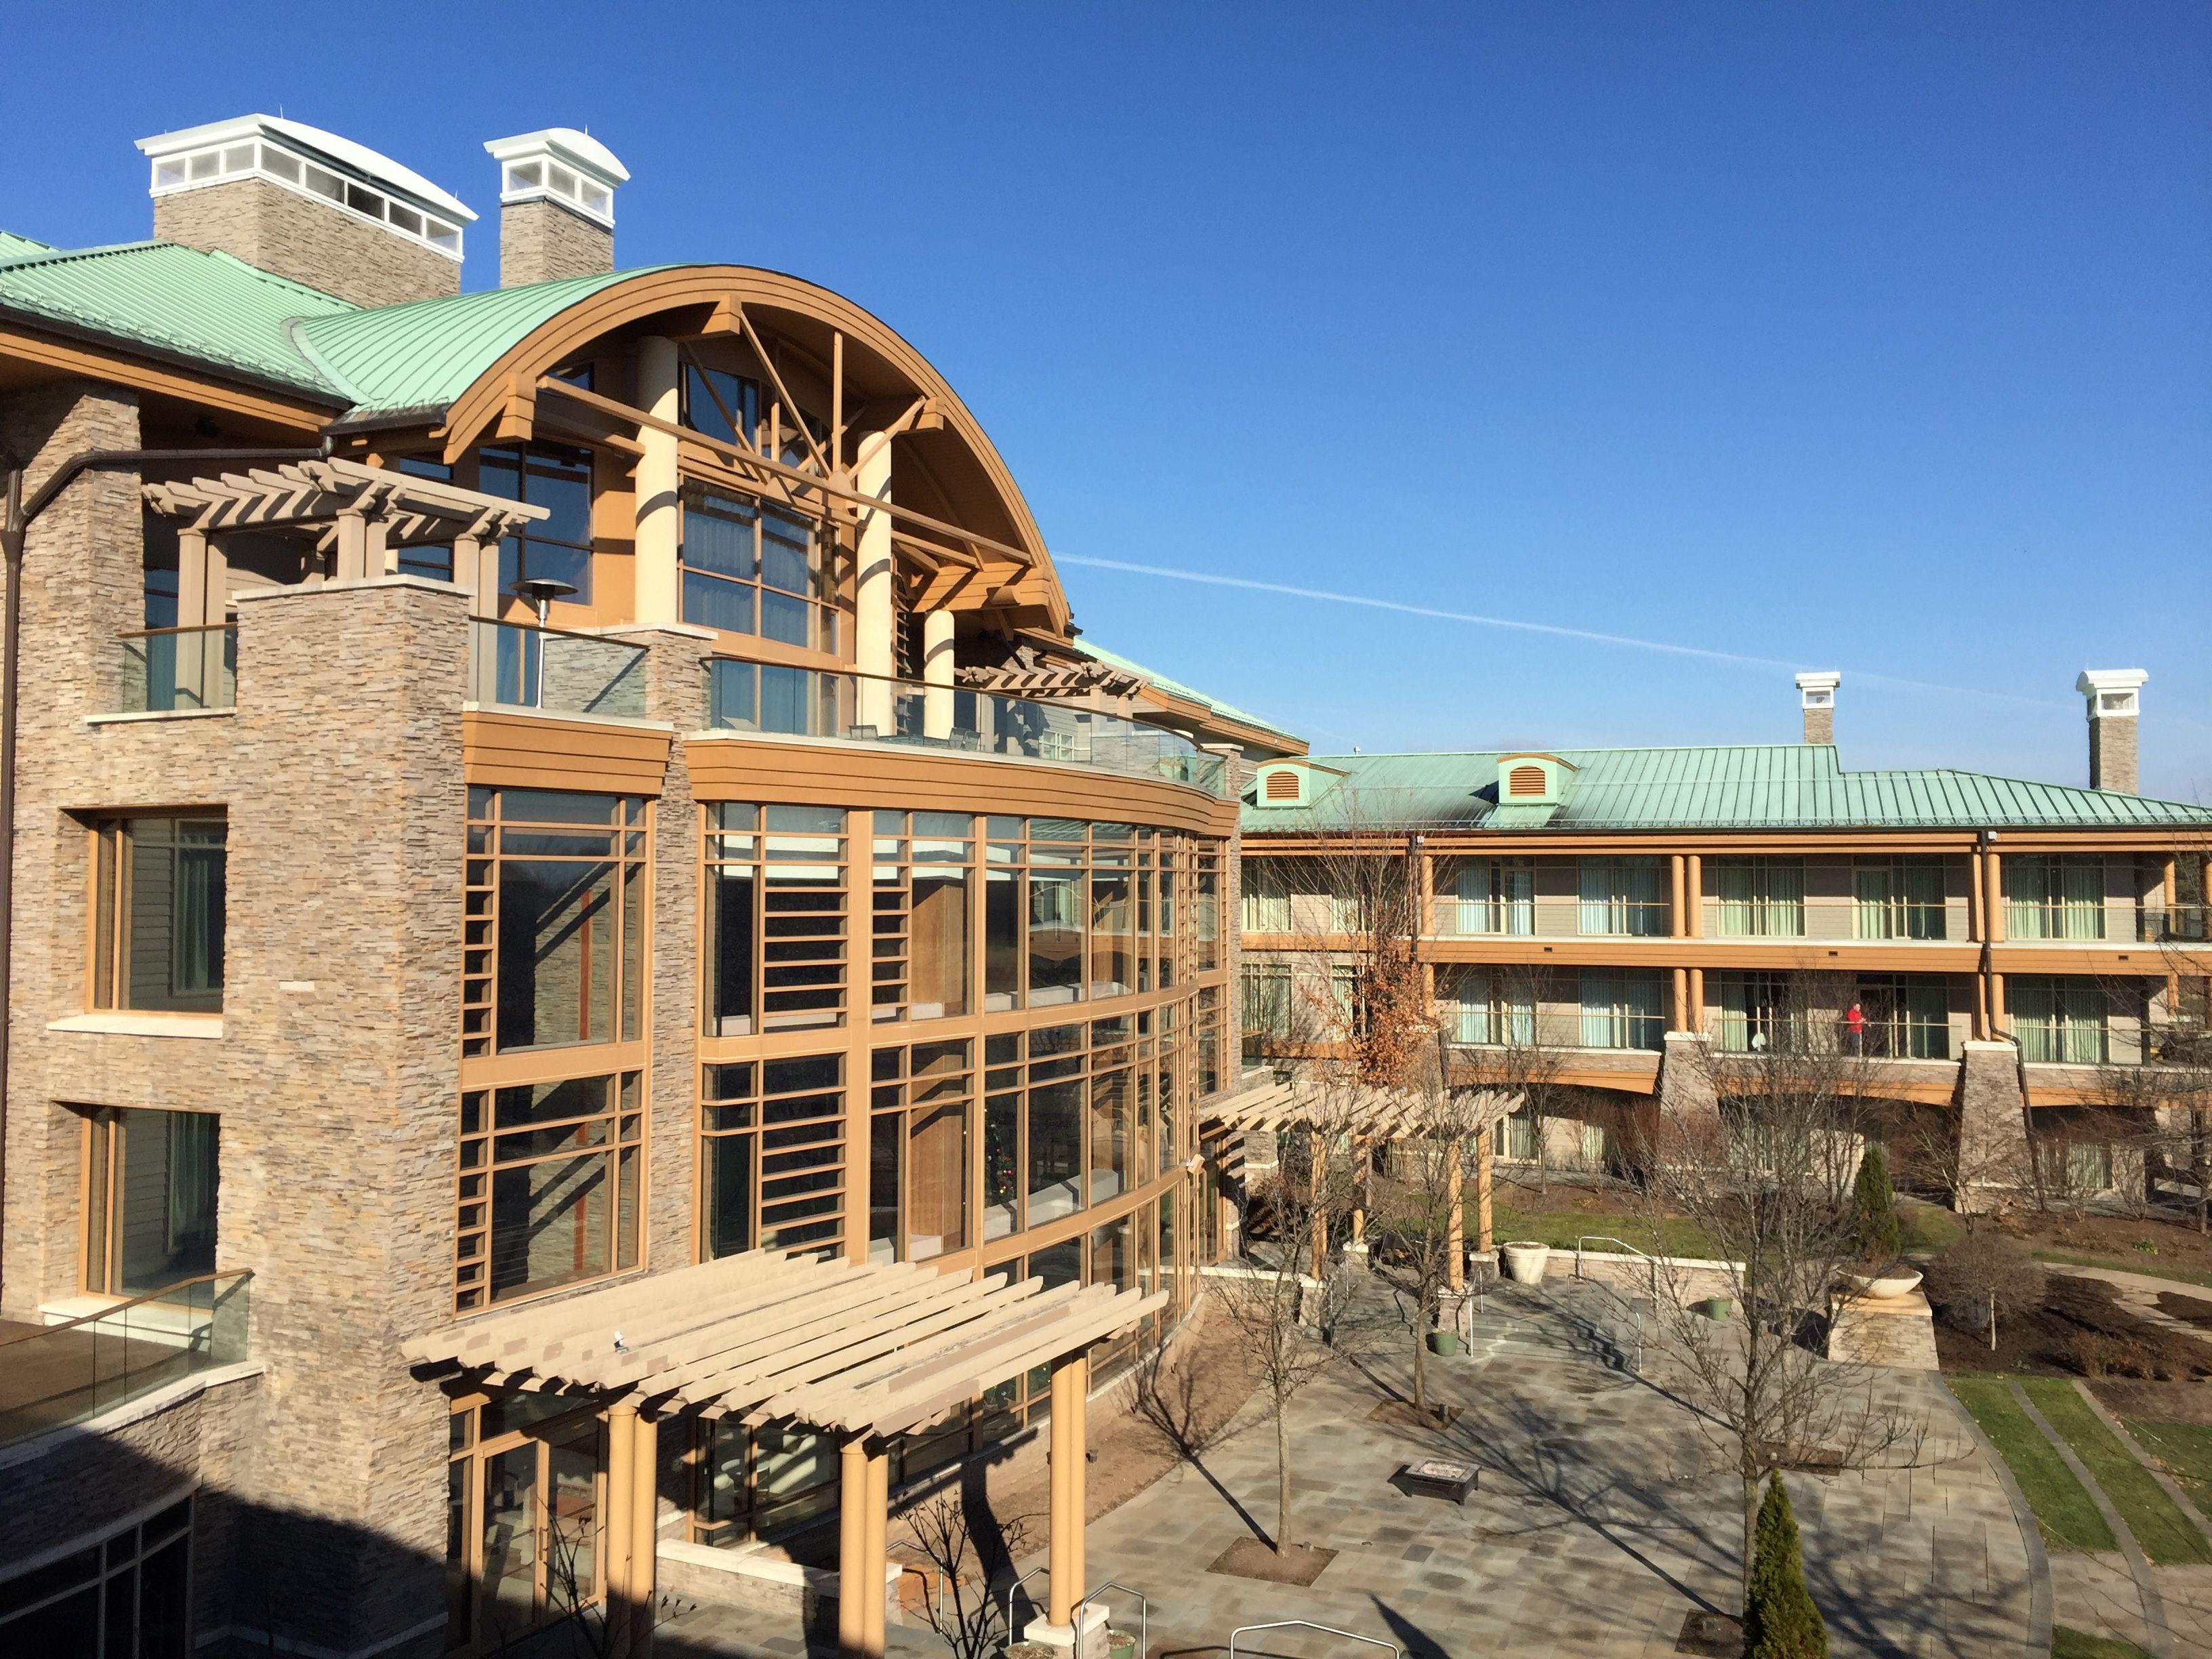 Hotels Near Turning Stone Resort And Casino